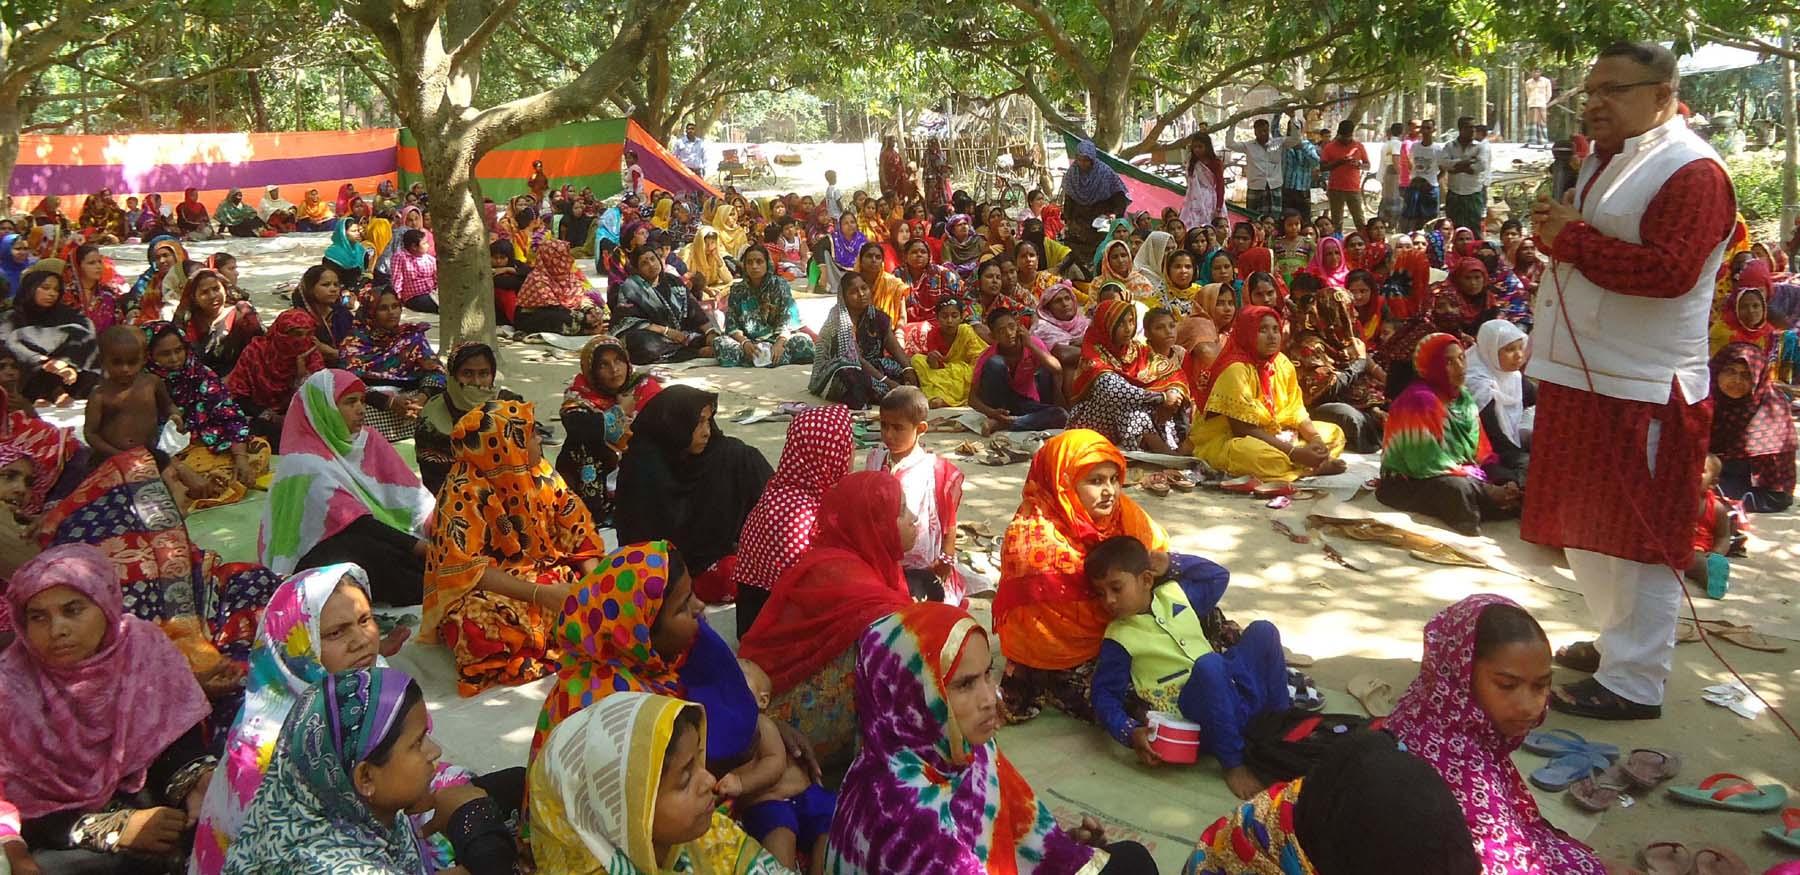 আগরদাঁড়ির ইন্দিরা সরকারি প্রাথমিক বিদ্যালয়ে মা ও অভিভাবক সমাবেশ অনুষ্ঠিত